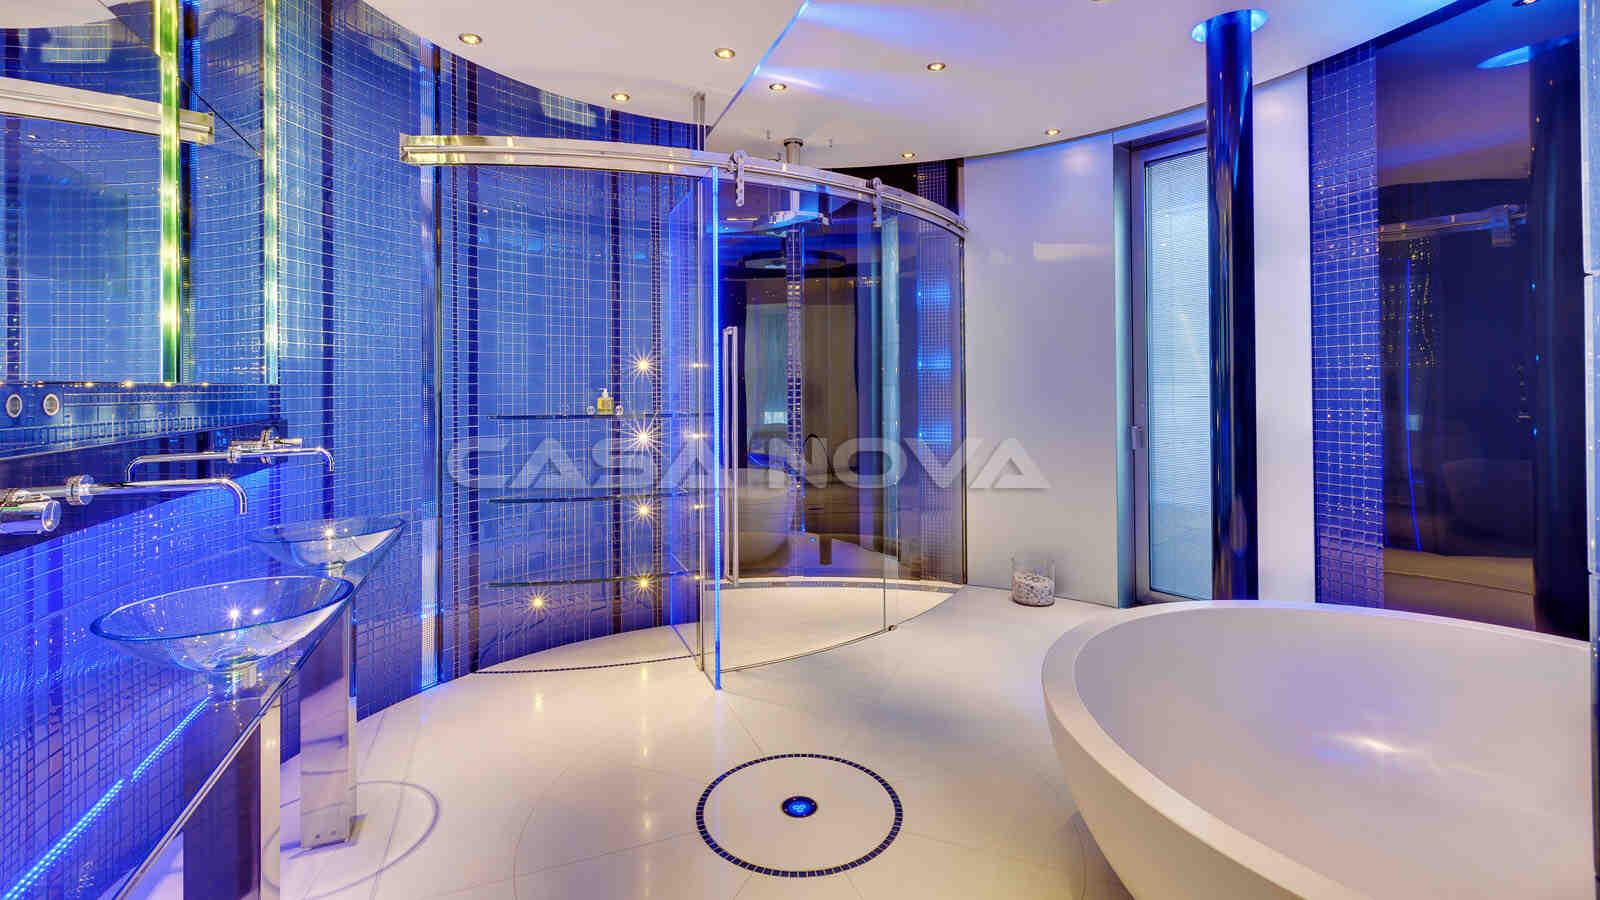 Faszinierendes Badezimmer mit hochwertiger Ausstattung